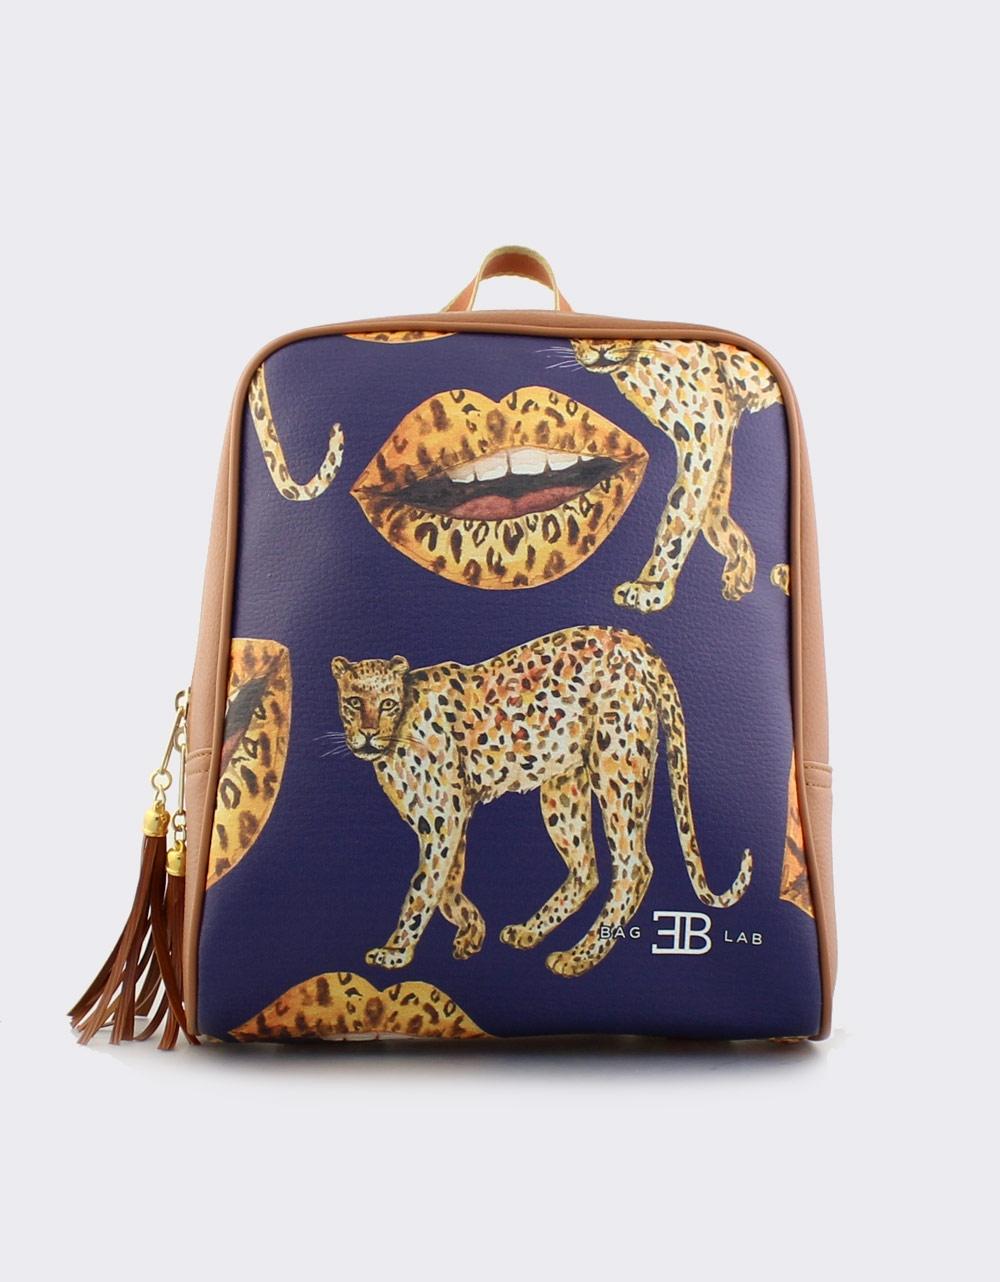 Εικόνα από Γυναικεία σακίδια πλάτης με animal print σχέδια Ταμπά